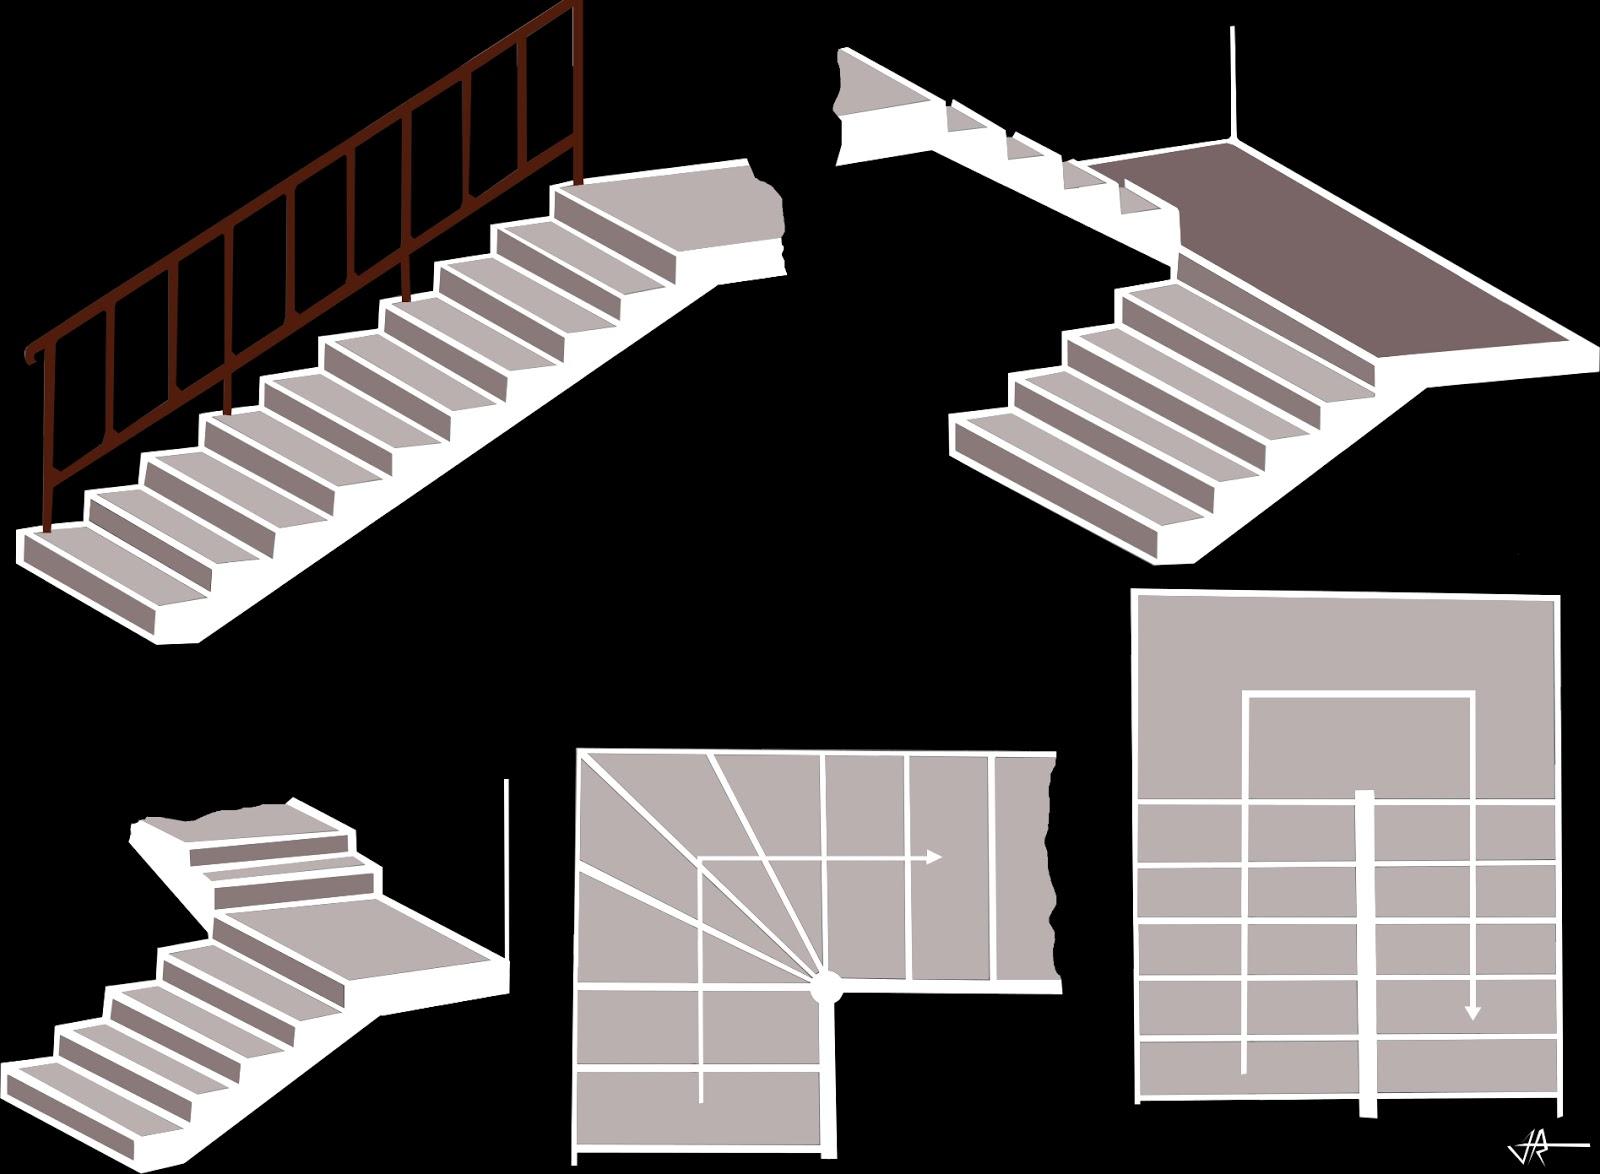 Dise o de una escalera quiero reformar mi casa for Formula escalera